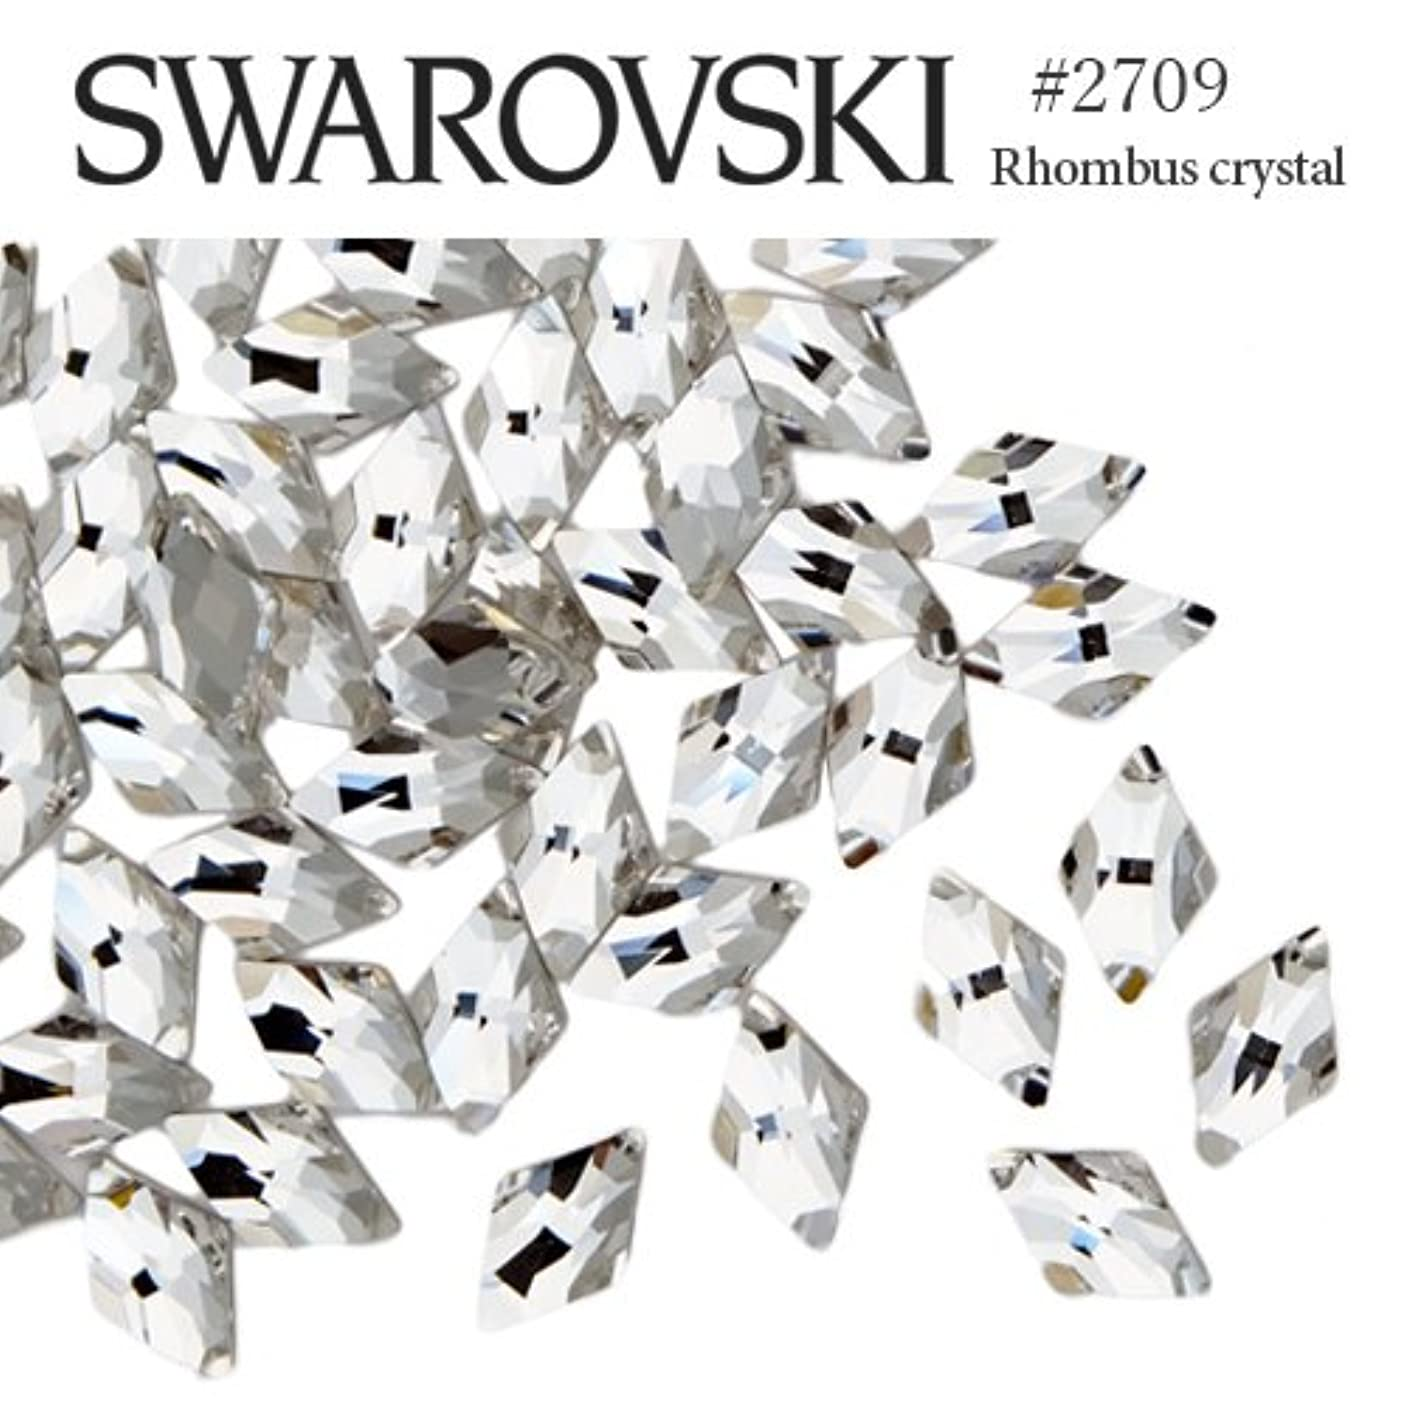 ブリードロック蒸し器スワロ #2709 ダイヤ/ロンバス (ひし形) [クリスタル] 3粒入り スワロフスキー ラインストーン